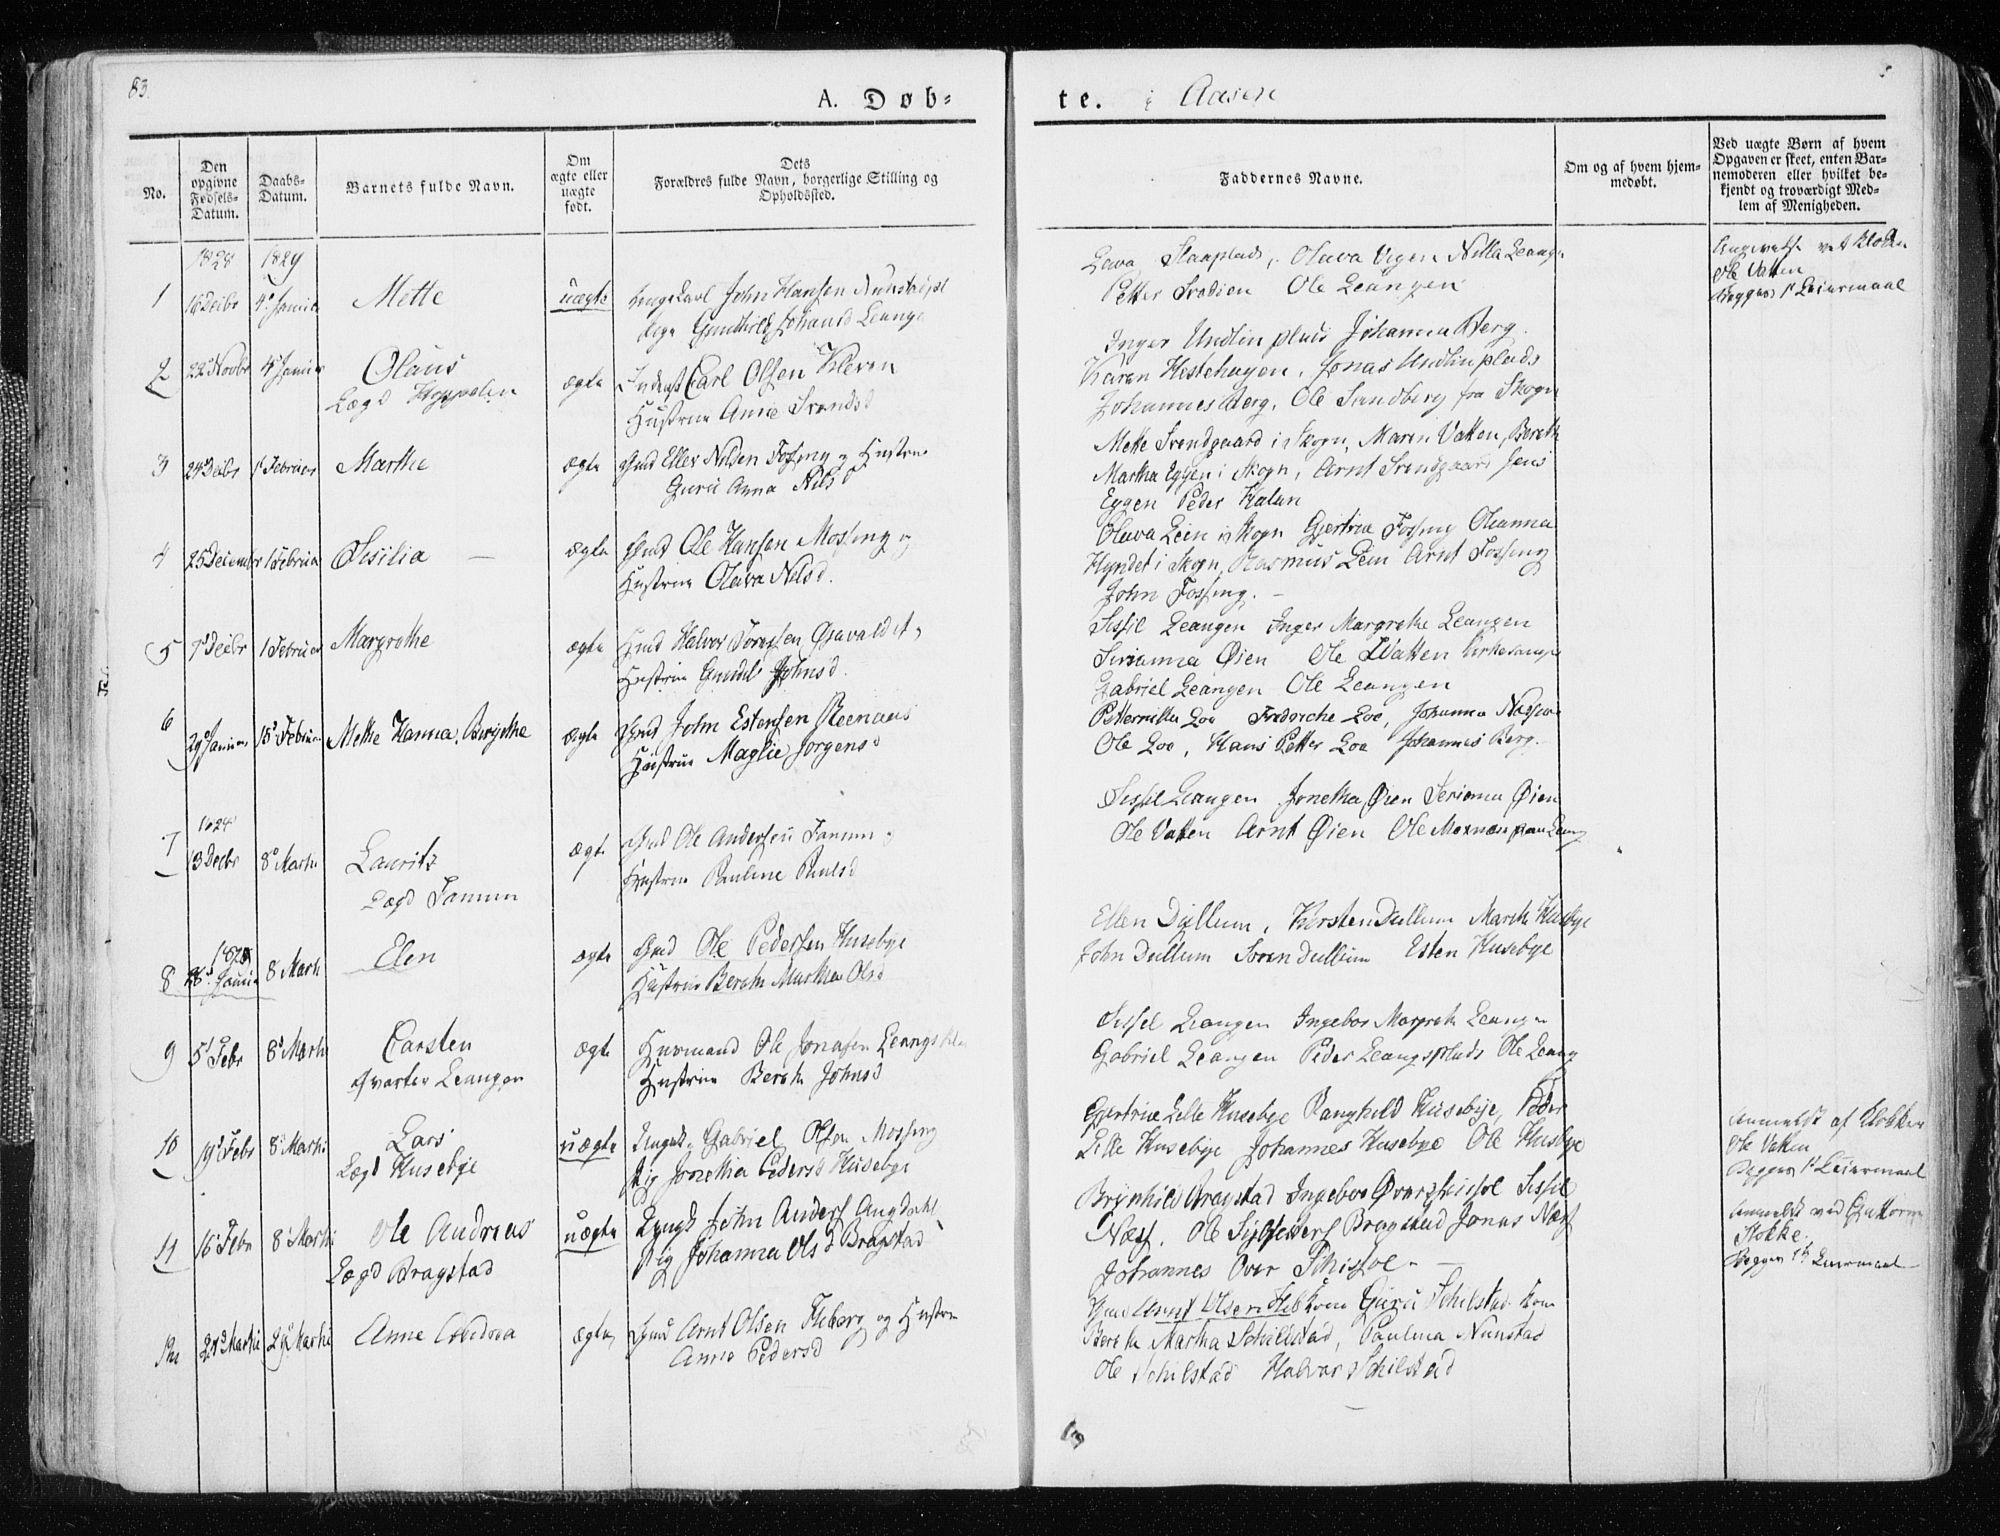 SAT, Ministerialprotokoller, klokkerbøker og fødselsregistre - Nord-Trøndelag, 713/L0114: Ministerialbok nr. 713A05, 1827-1839, s. 83